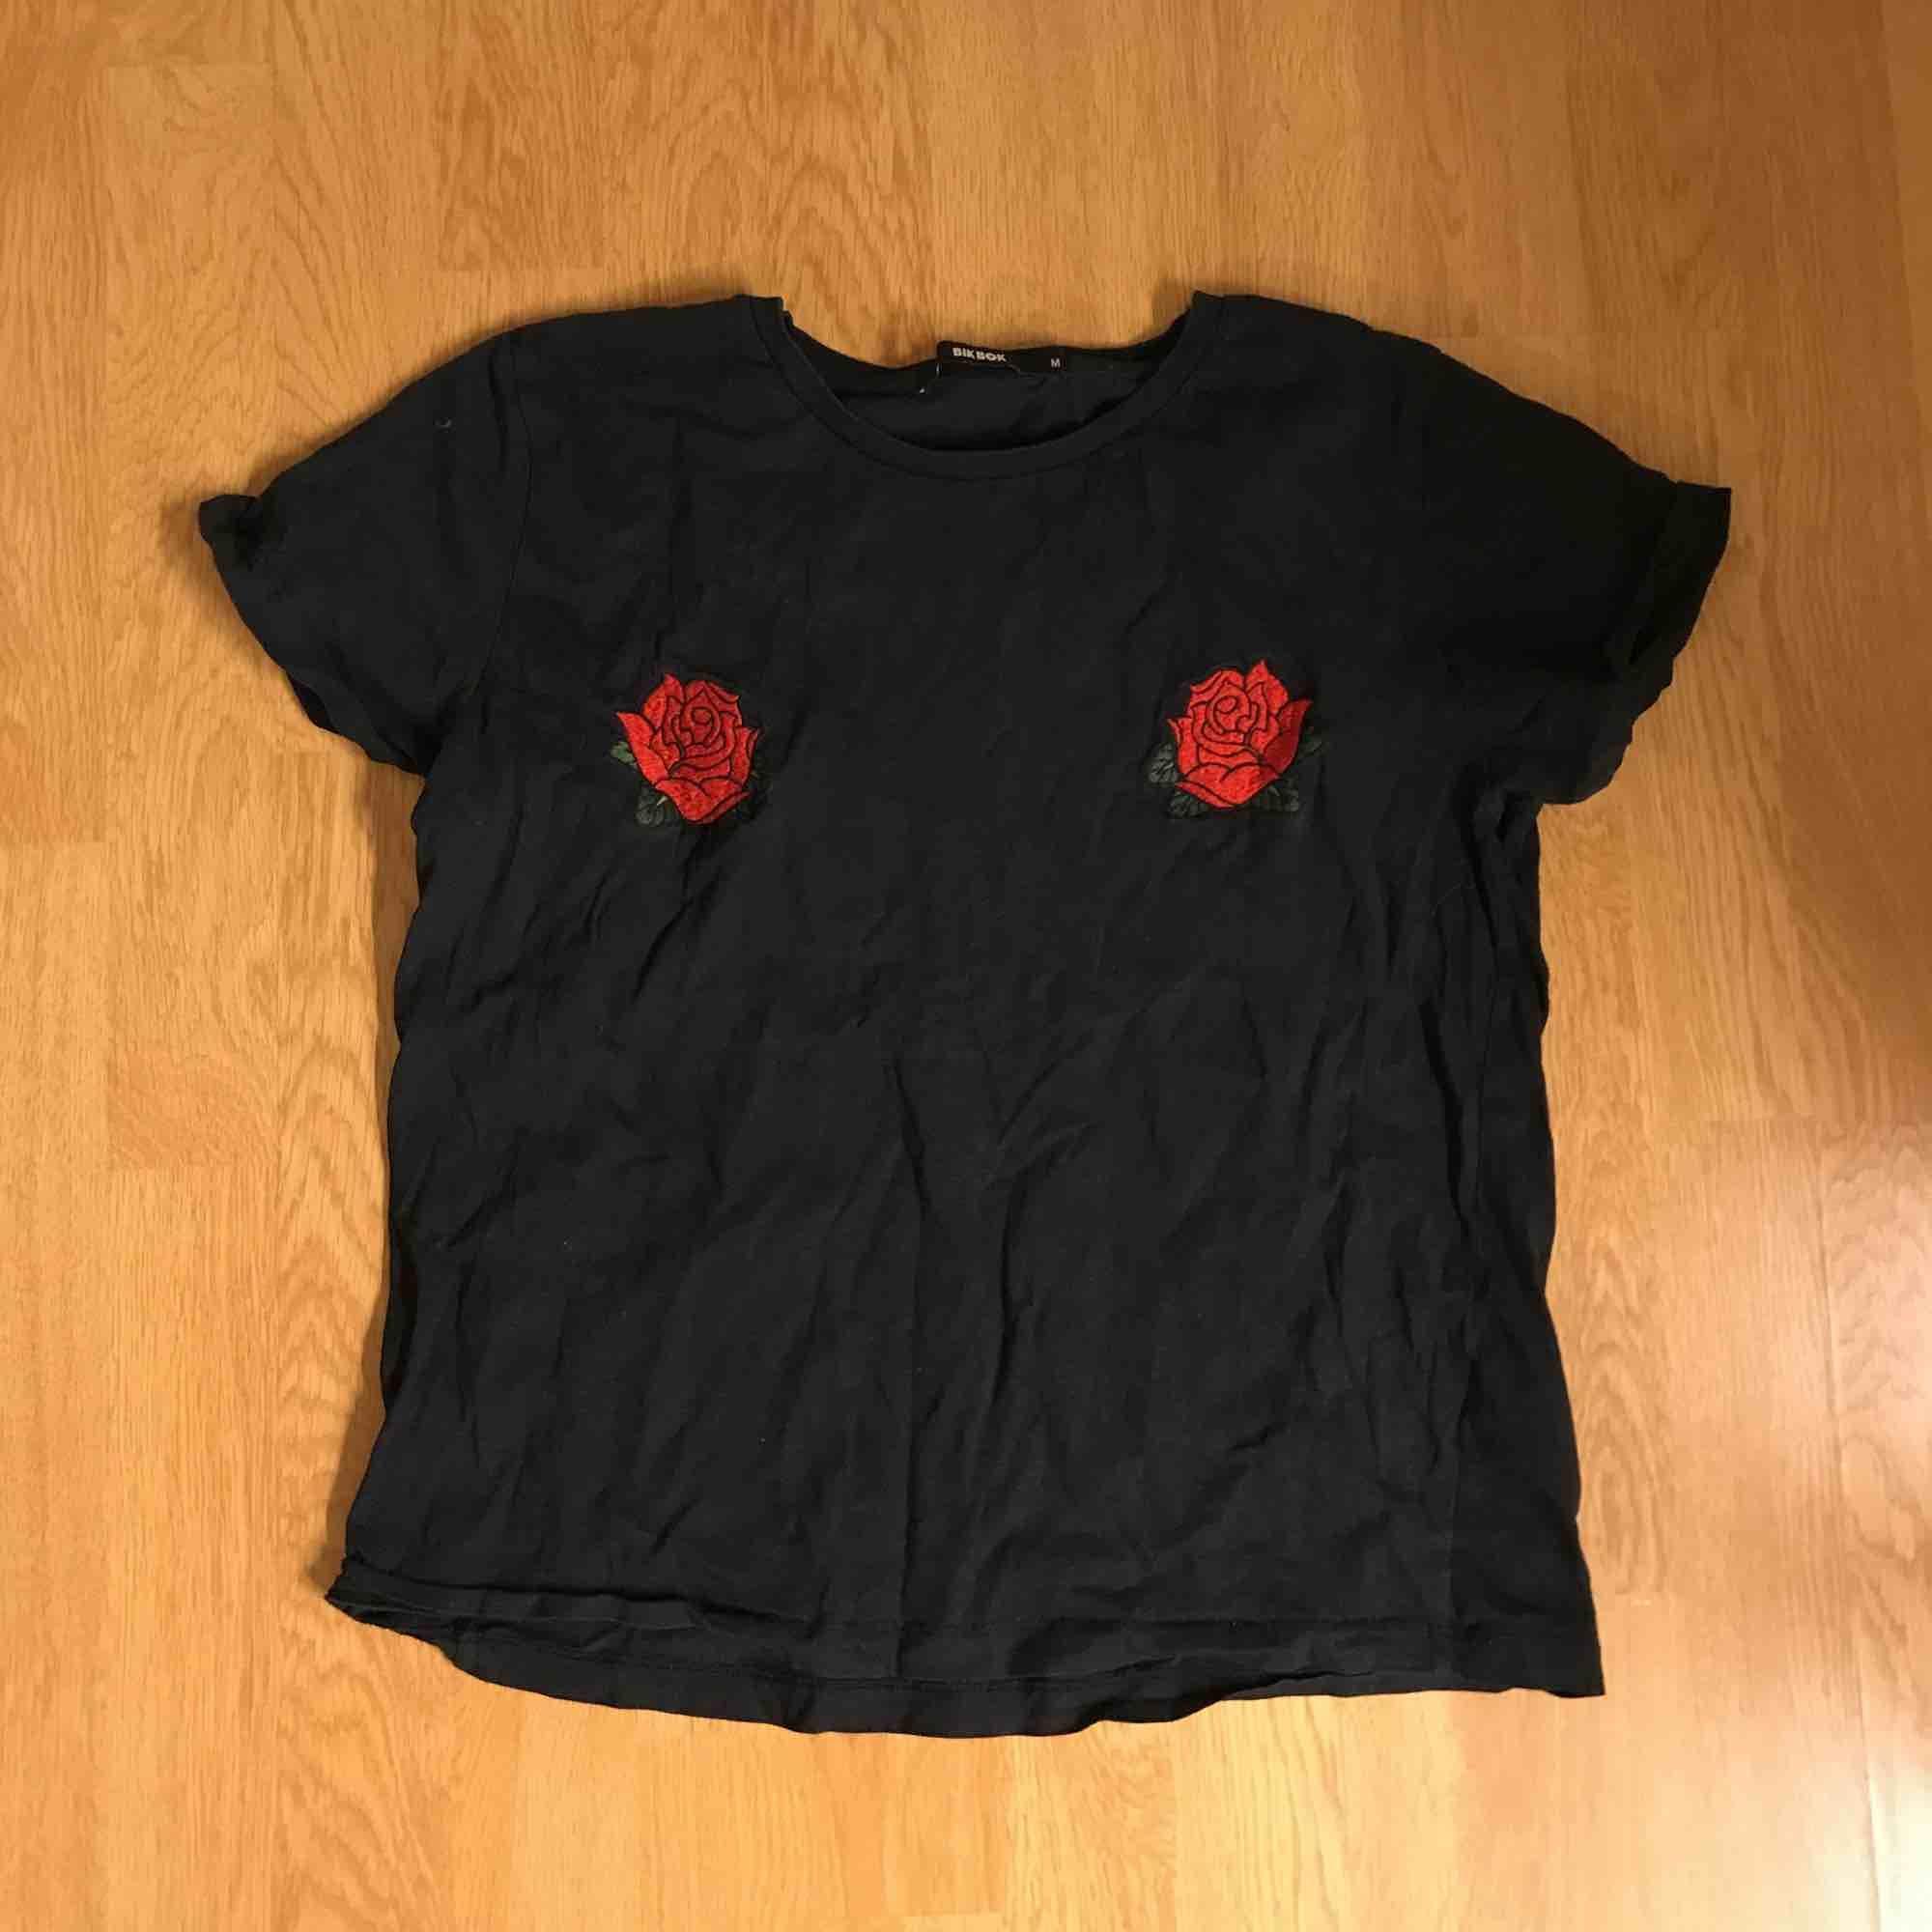 T-shirt från BikBok! Storlek M men kan passa S. T-shirts.